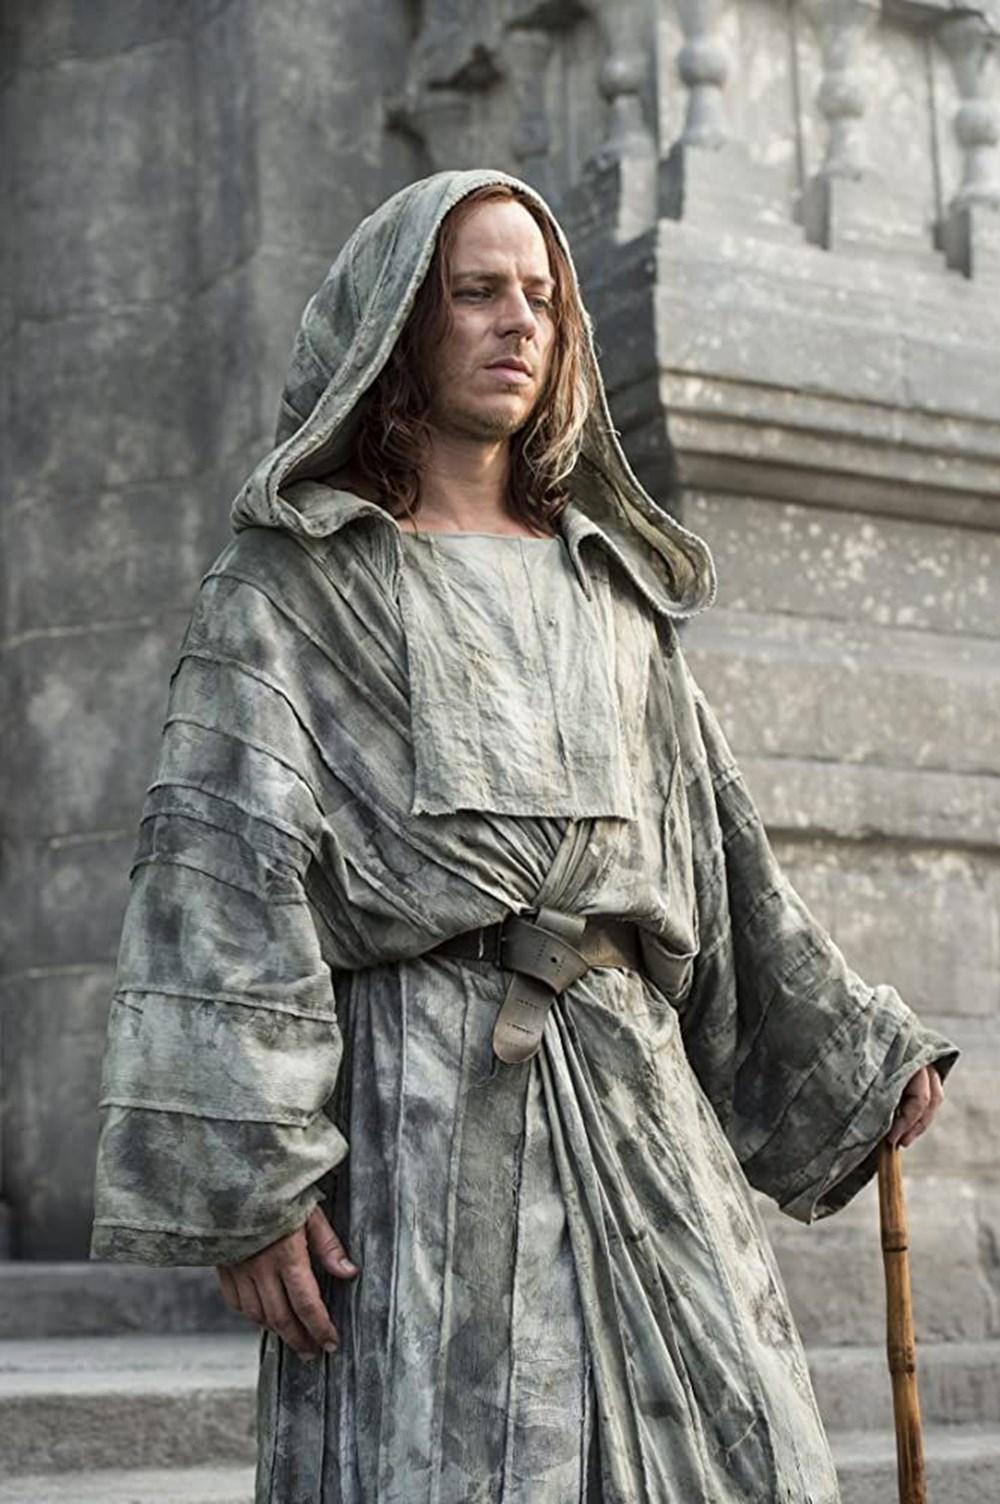 Kış Rüzgarları, gizemli katil Jaqen H'ghar'ın sırrını açığa çıkaracak - 3